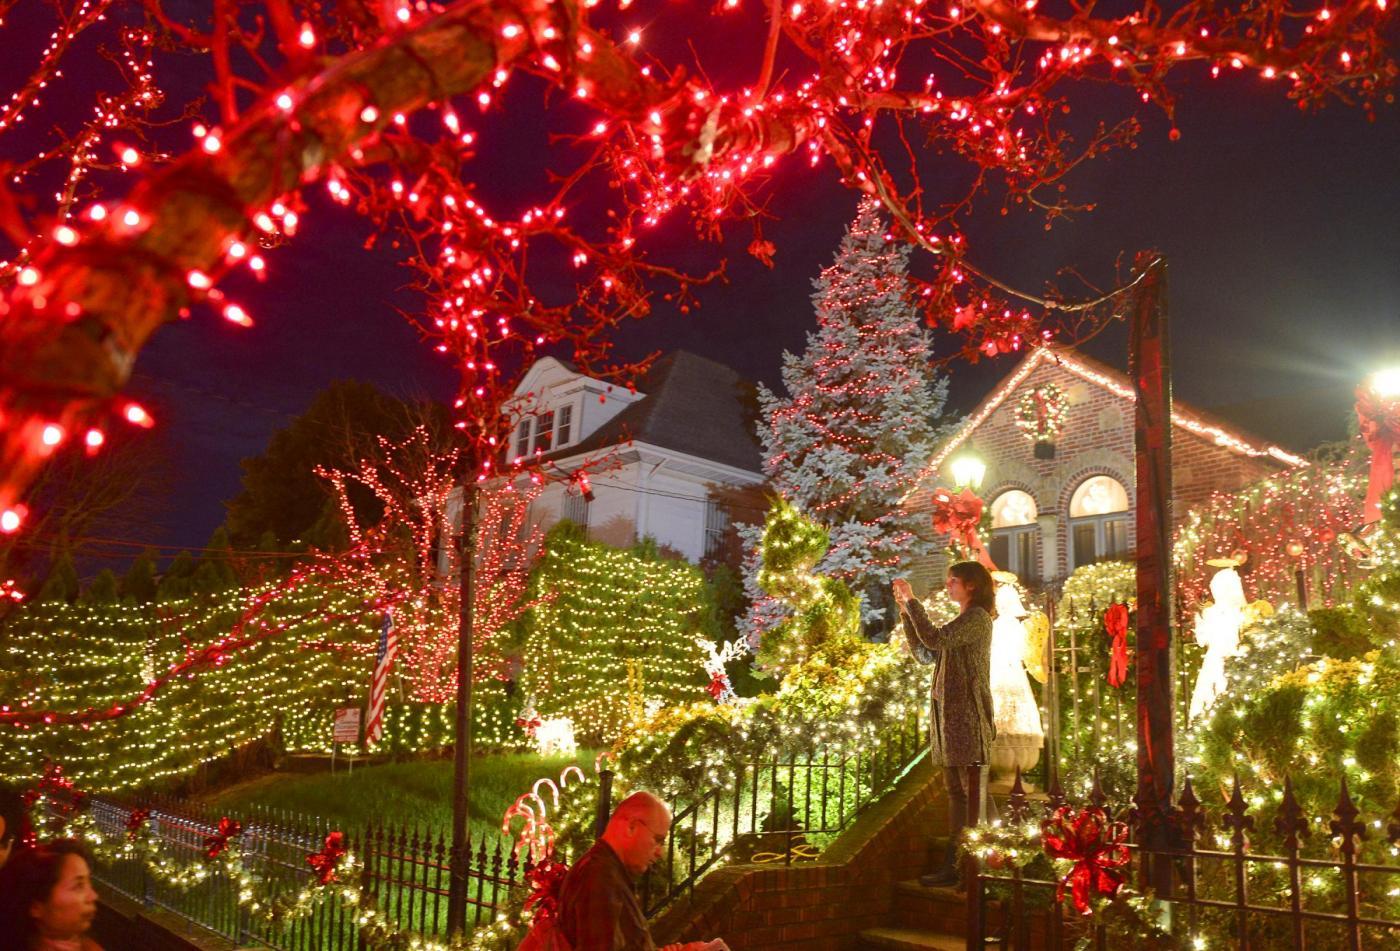 Natale nel mondo spettacolo di luci e colori a brooklyn - Colori per natale ...